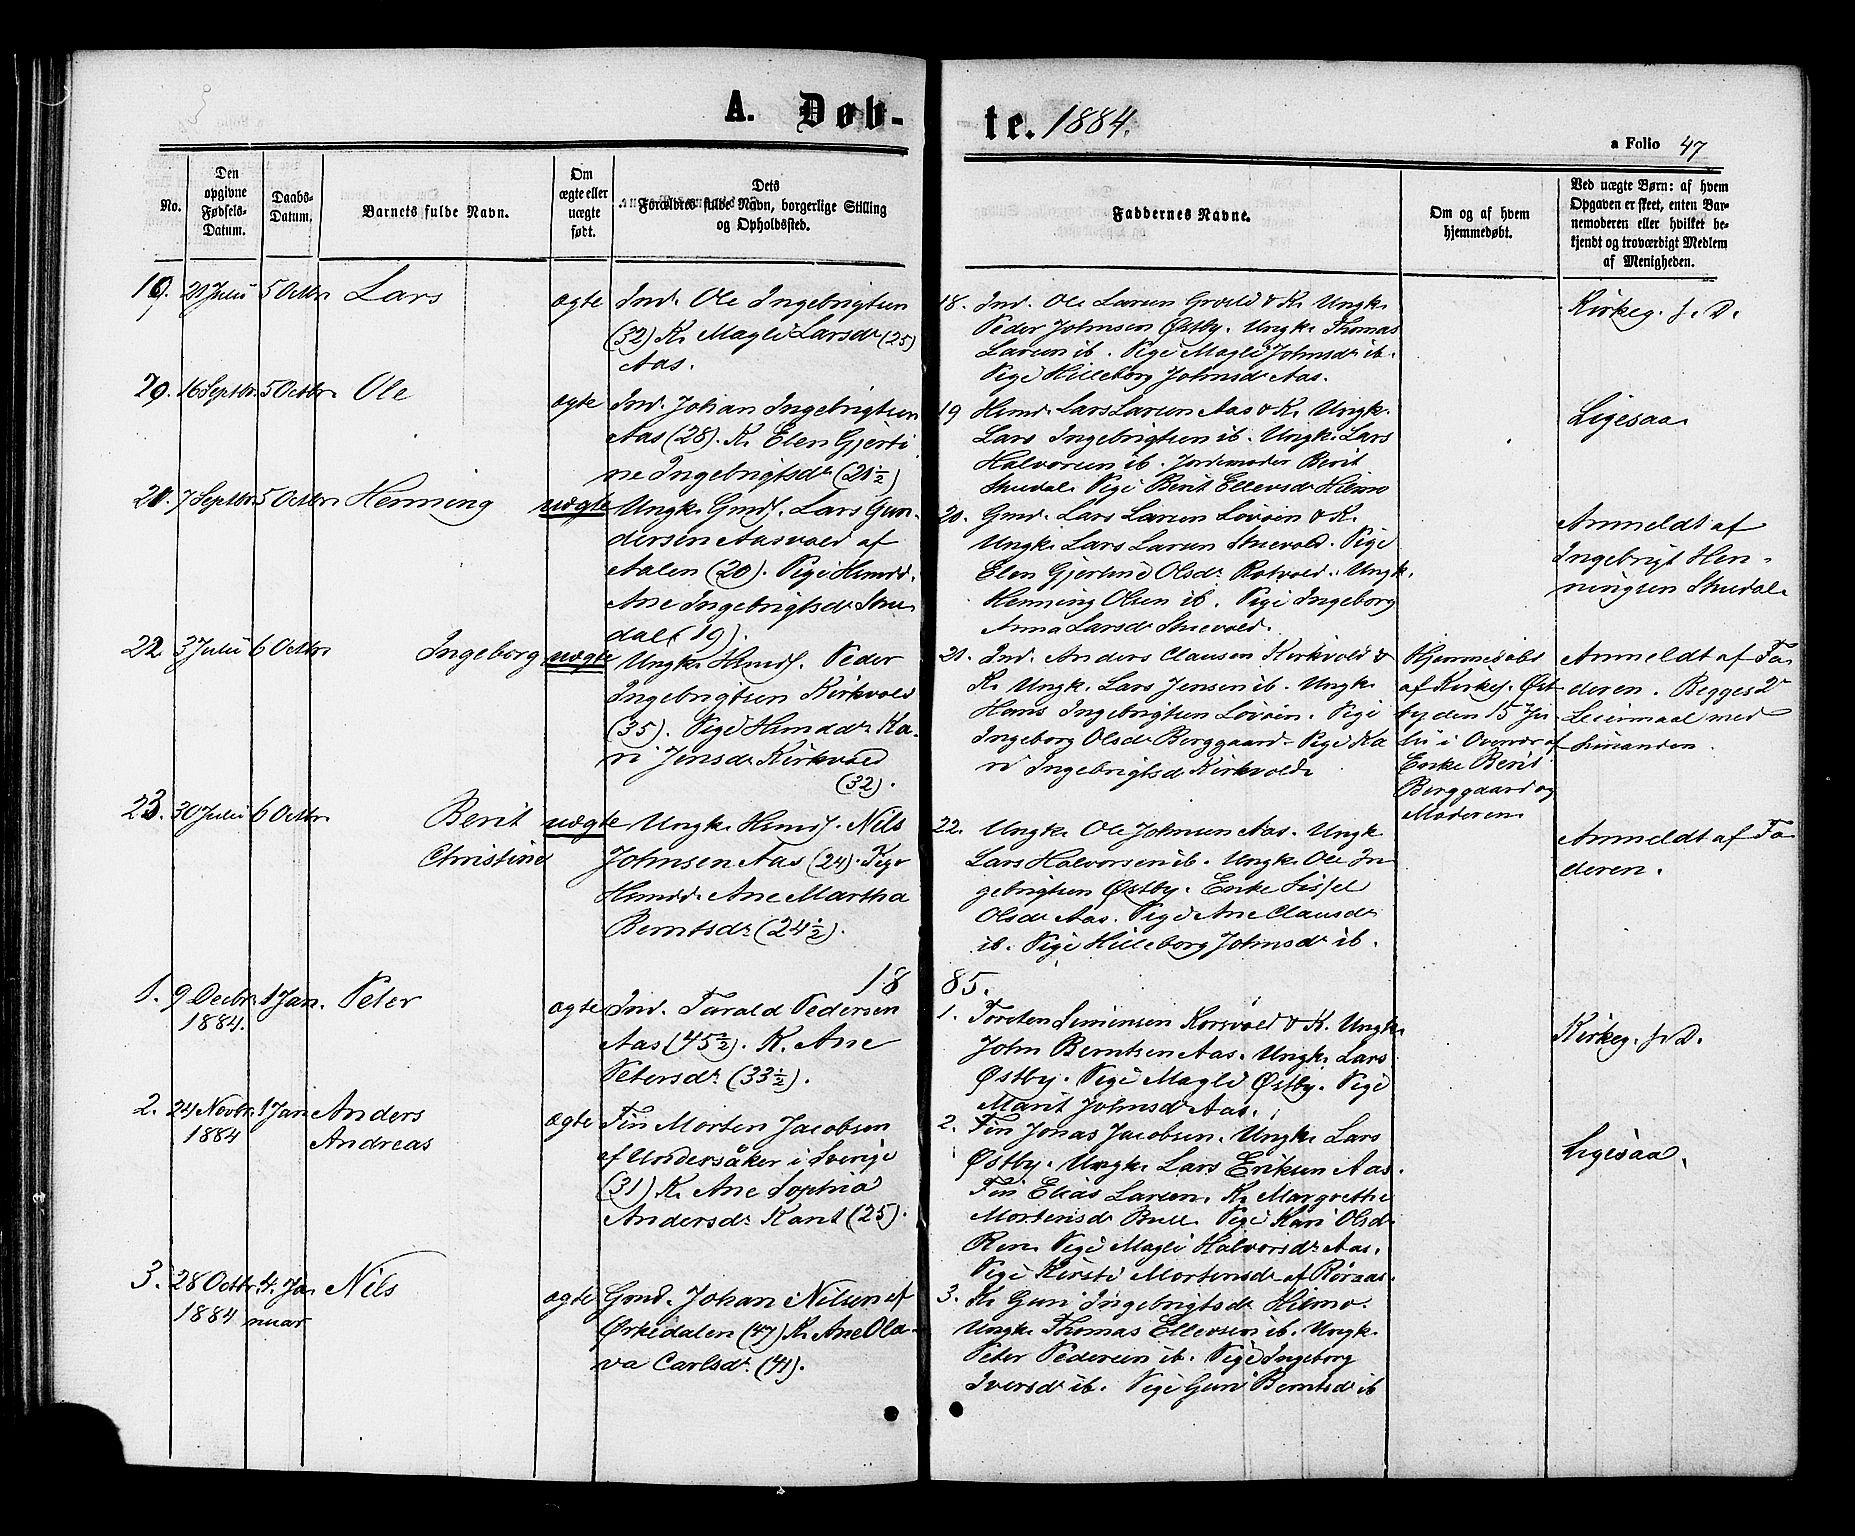 SAT, Ministerialprotokoller, klokkerbøker og fødselsregistre - Sør-Trøndelag, 698/L1163: Ministerialbok nr. 698A01, 1862-1887, s. 47